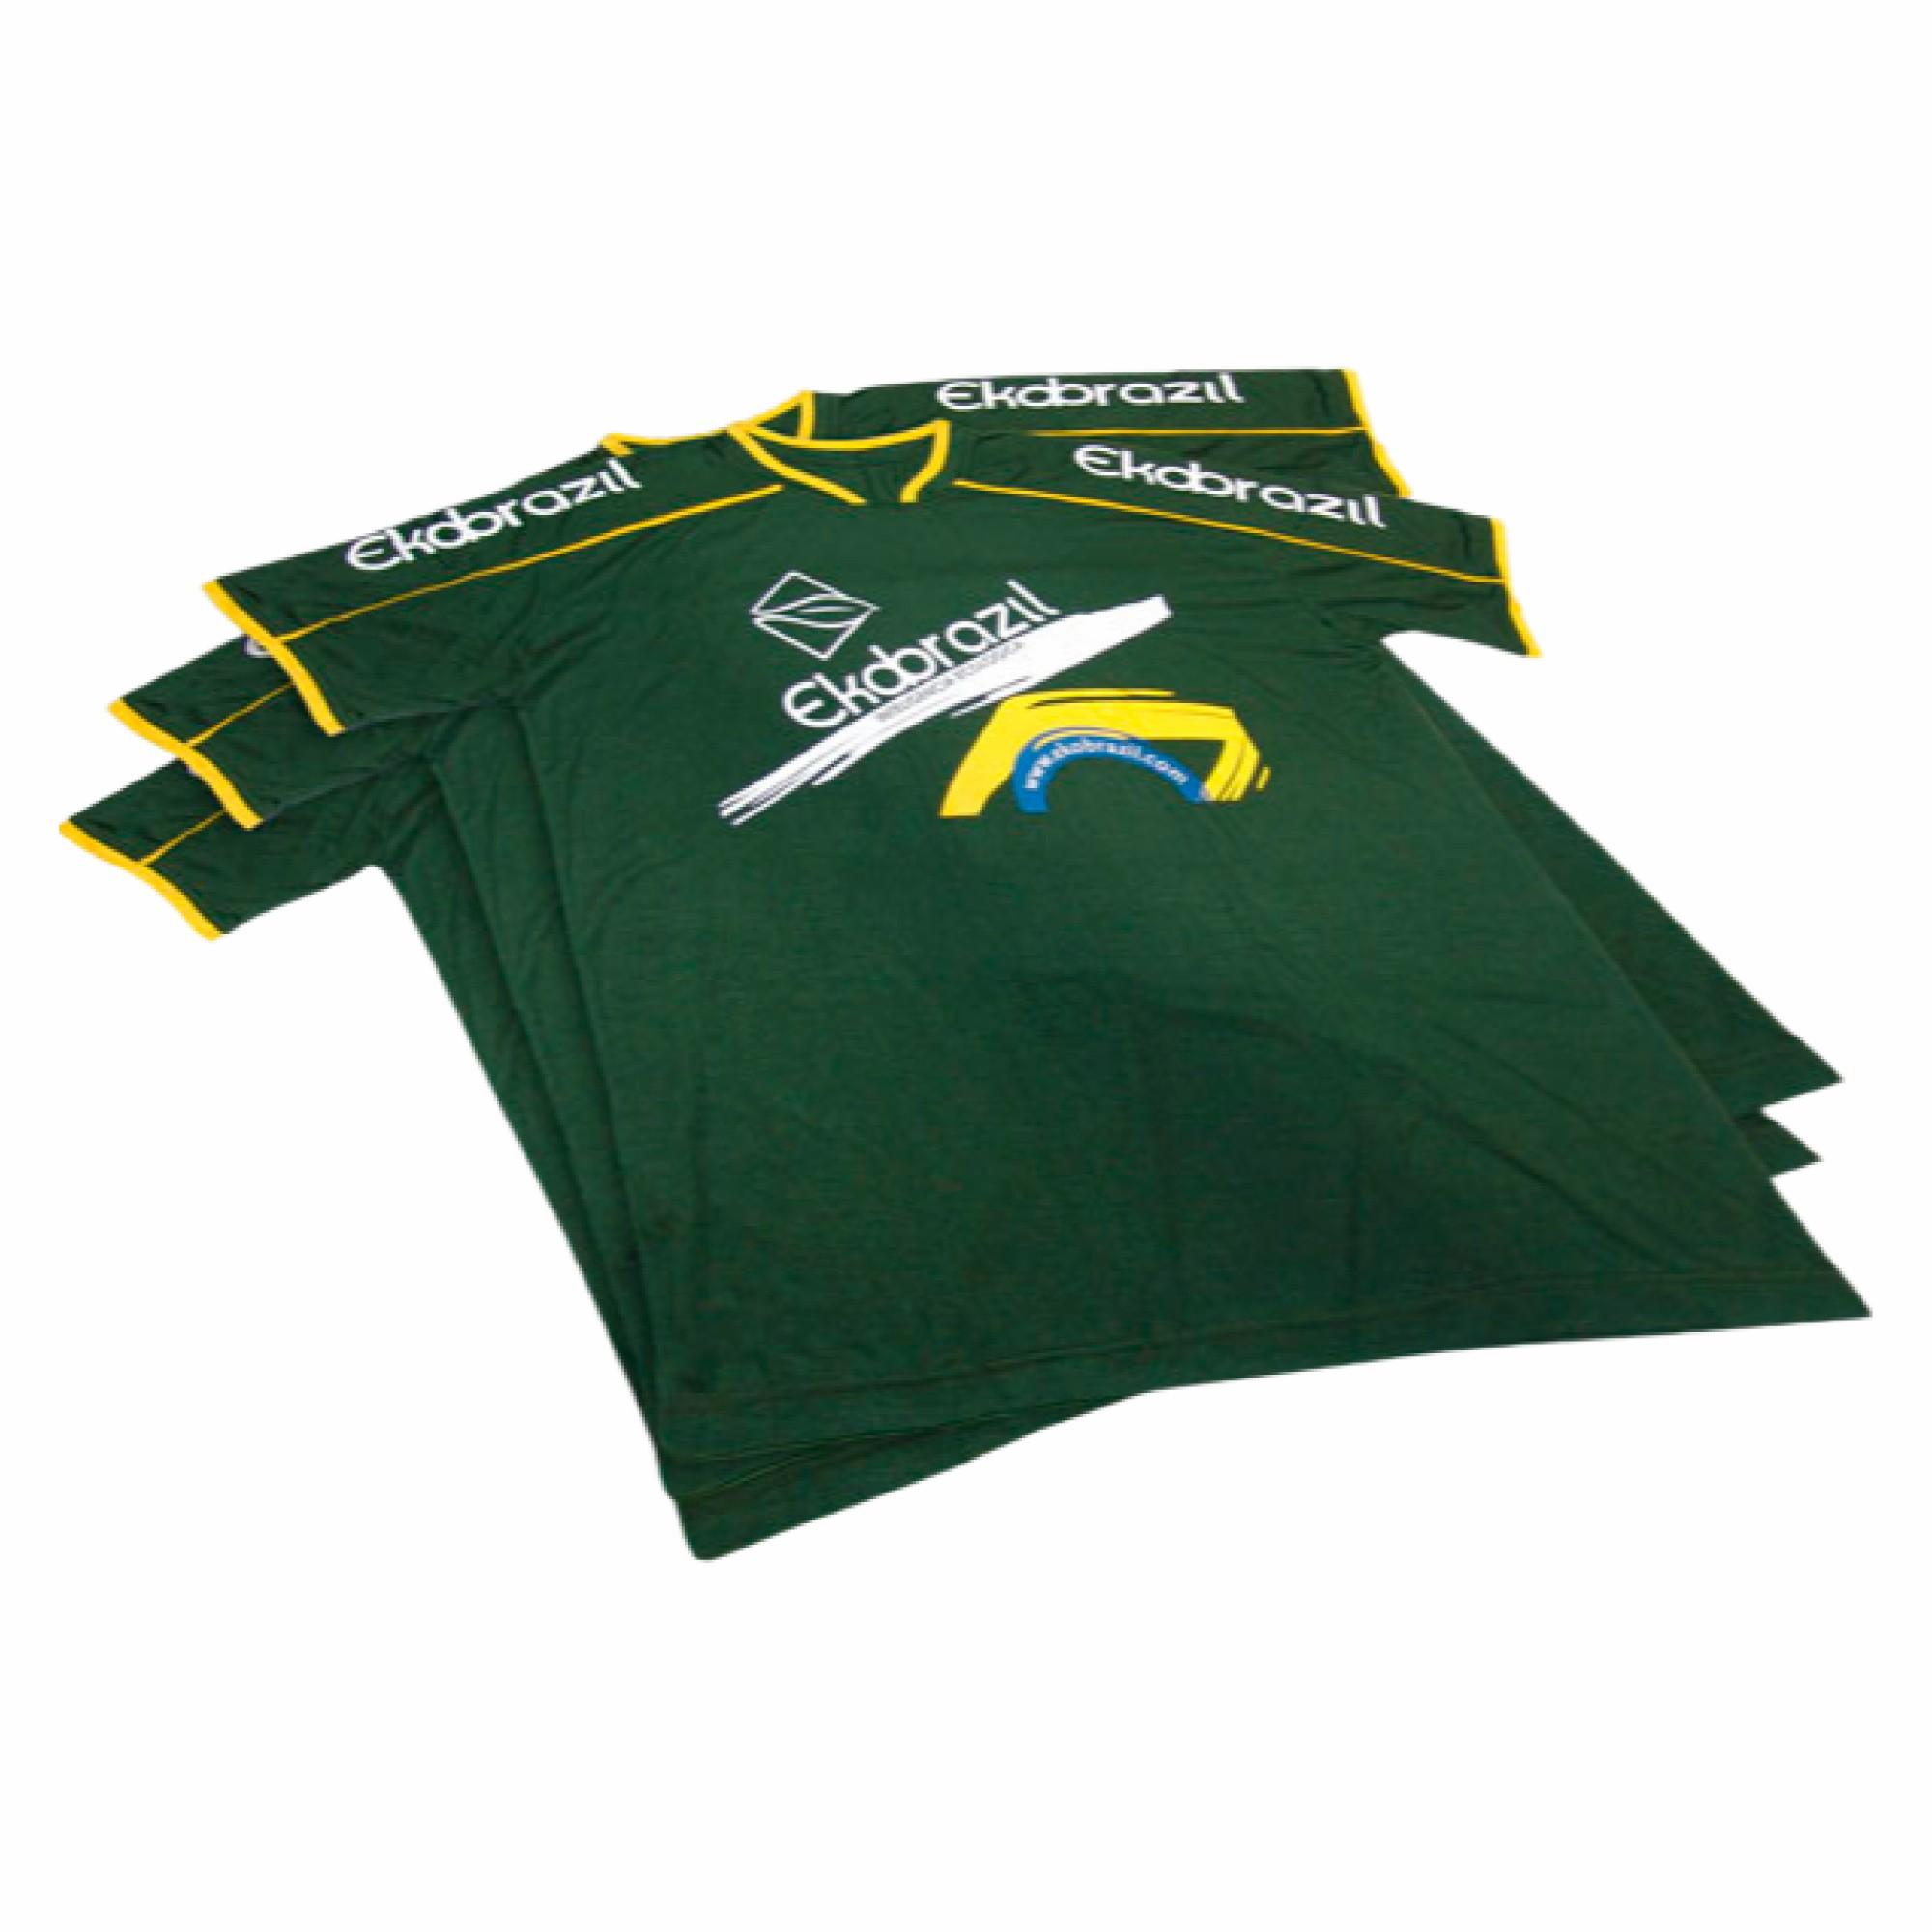 Comprar Camiseta Ekobrazil G